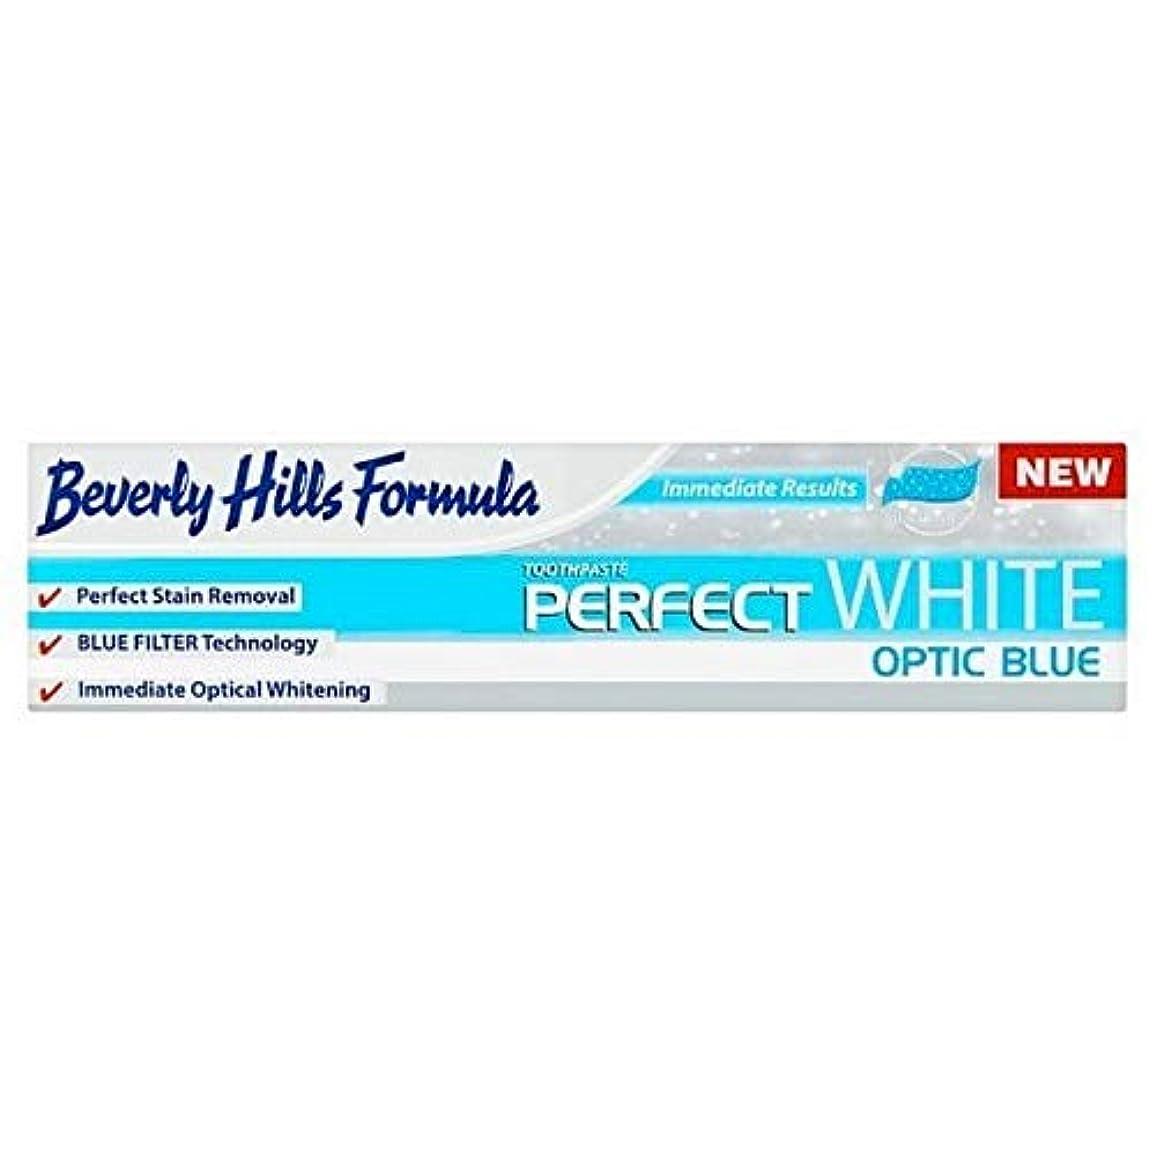 お互い葉を拾う追い越す[Beverly Hills ] ビバリーヒルズ公式パーフェクトホワイト歯磨き粉の100ミリリットル - Beverly Hills Formula Perfect White toothpaste 100ml [並行輸入品]